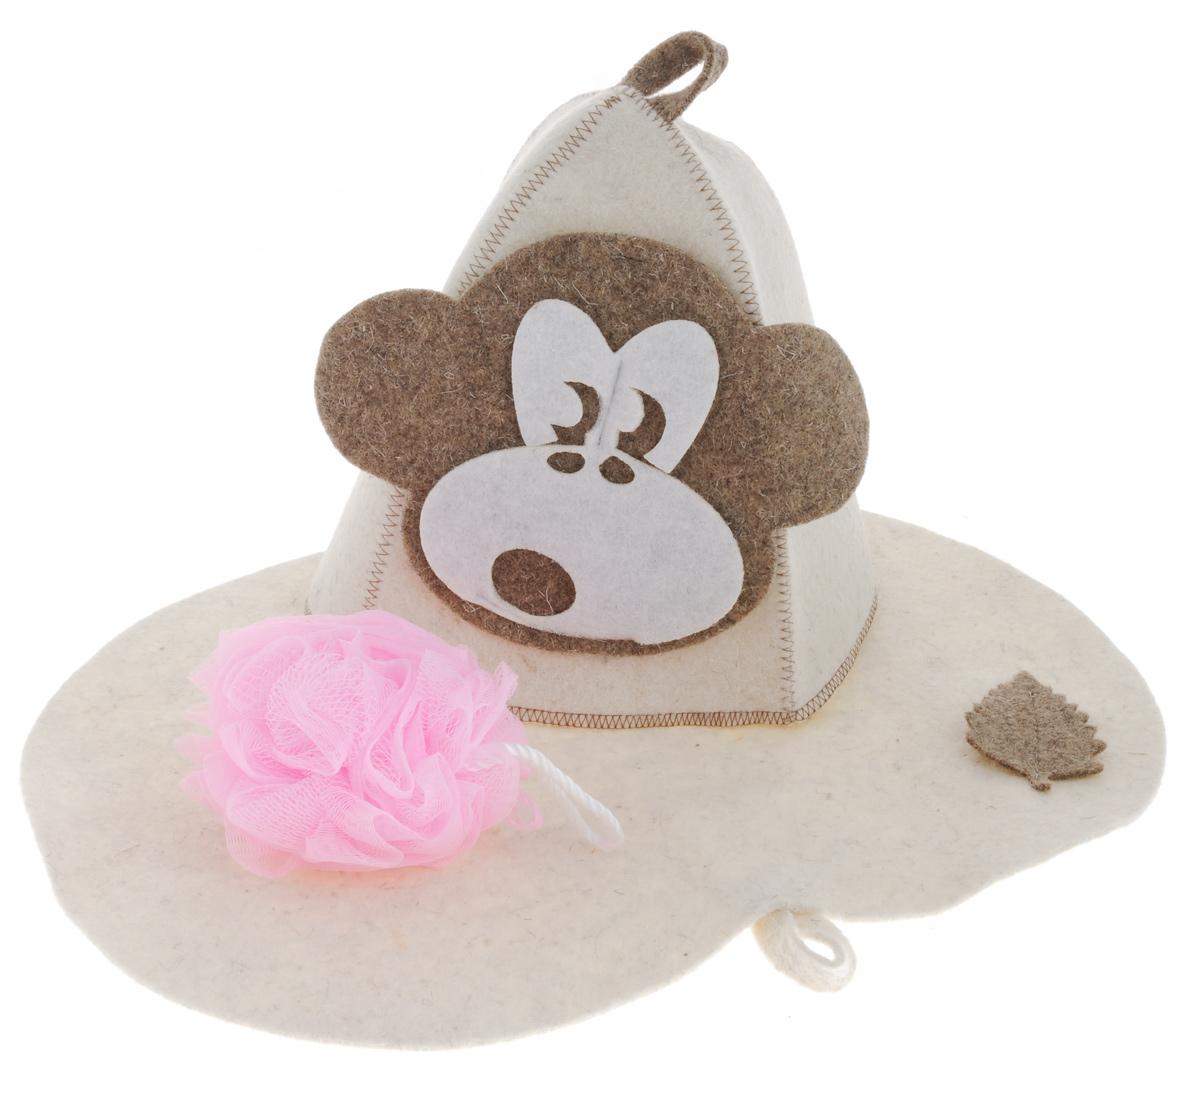 Набор подарочный для бани и сауны Главбаня Обезьянка, цвет: бежевый, розовый, 3 предметаА349_обезьянка сер, мочалка роз.В подарочный набор для бани и сауны Обезьянка входят шапка, мочалка и коврик. Шапка, изготовленная из войлока, декорирована объемной фигуркой обезьяны. Благодаря сетчатой мочалке из нейлона вам обеспечено много пены. Коврик для сидения, выполненный из войлока, имеет форму яблока и декорирован объемной фигуркой листочка. Такой набор поможет с удовольствием и пользой провести время в бане, а также станет чудесным подарком друзьям и знакомым, которые по достоинству его оценят при первом же использовании. Размер коврика: 43 см х 32,5 см. Обхват головы шапки: 66 см. Высота шапки: 23 см. Диаметр мочалки: 13 см.